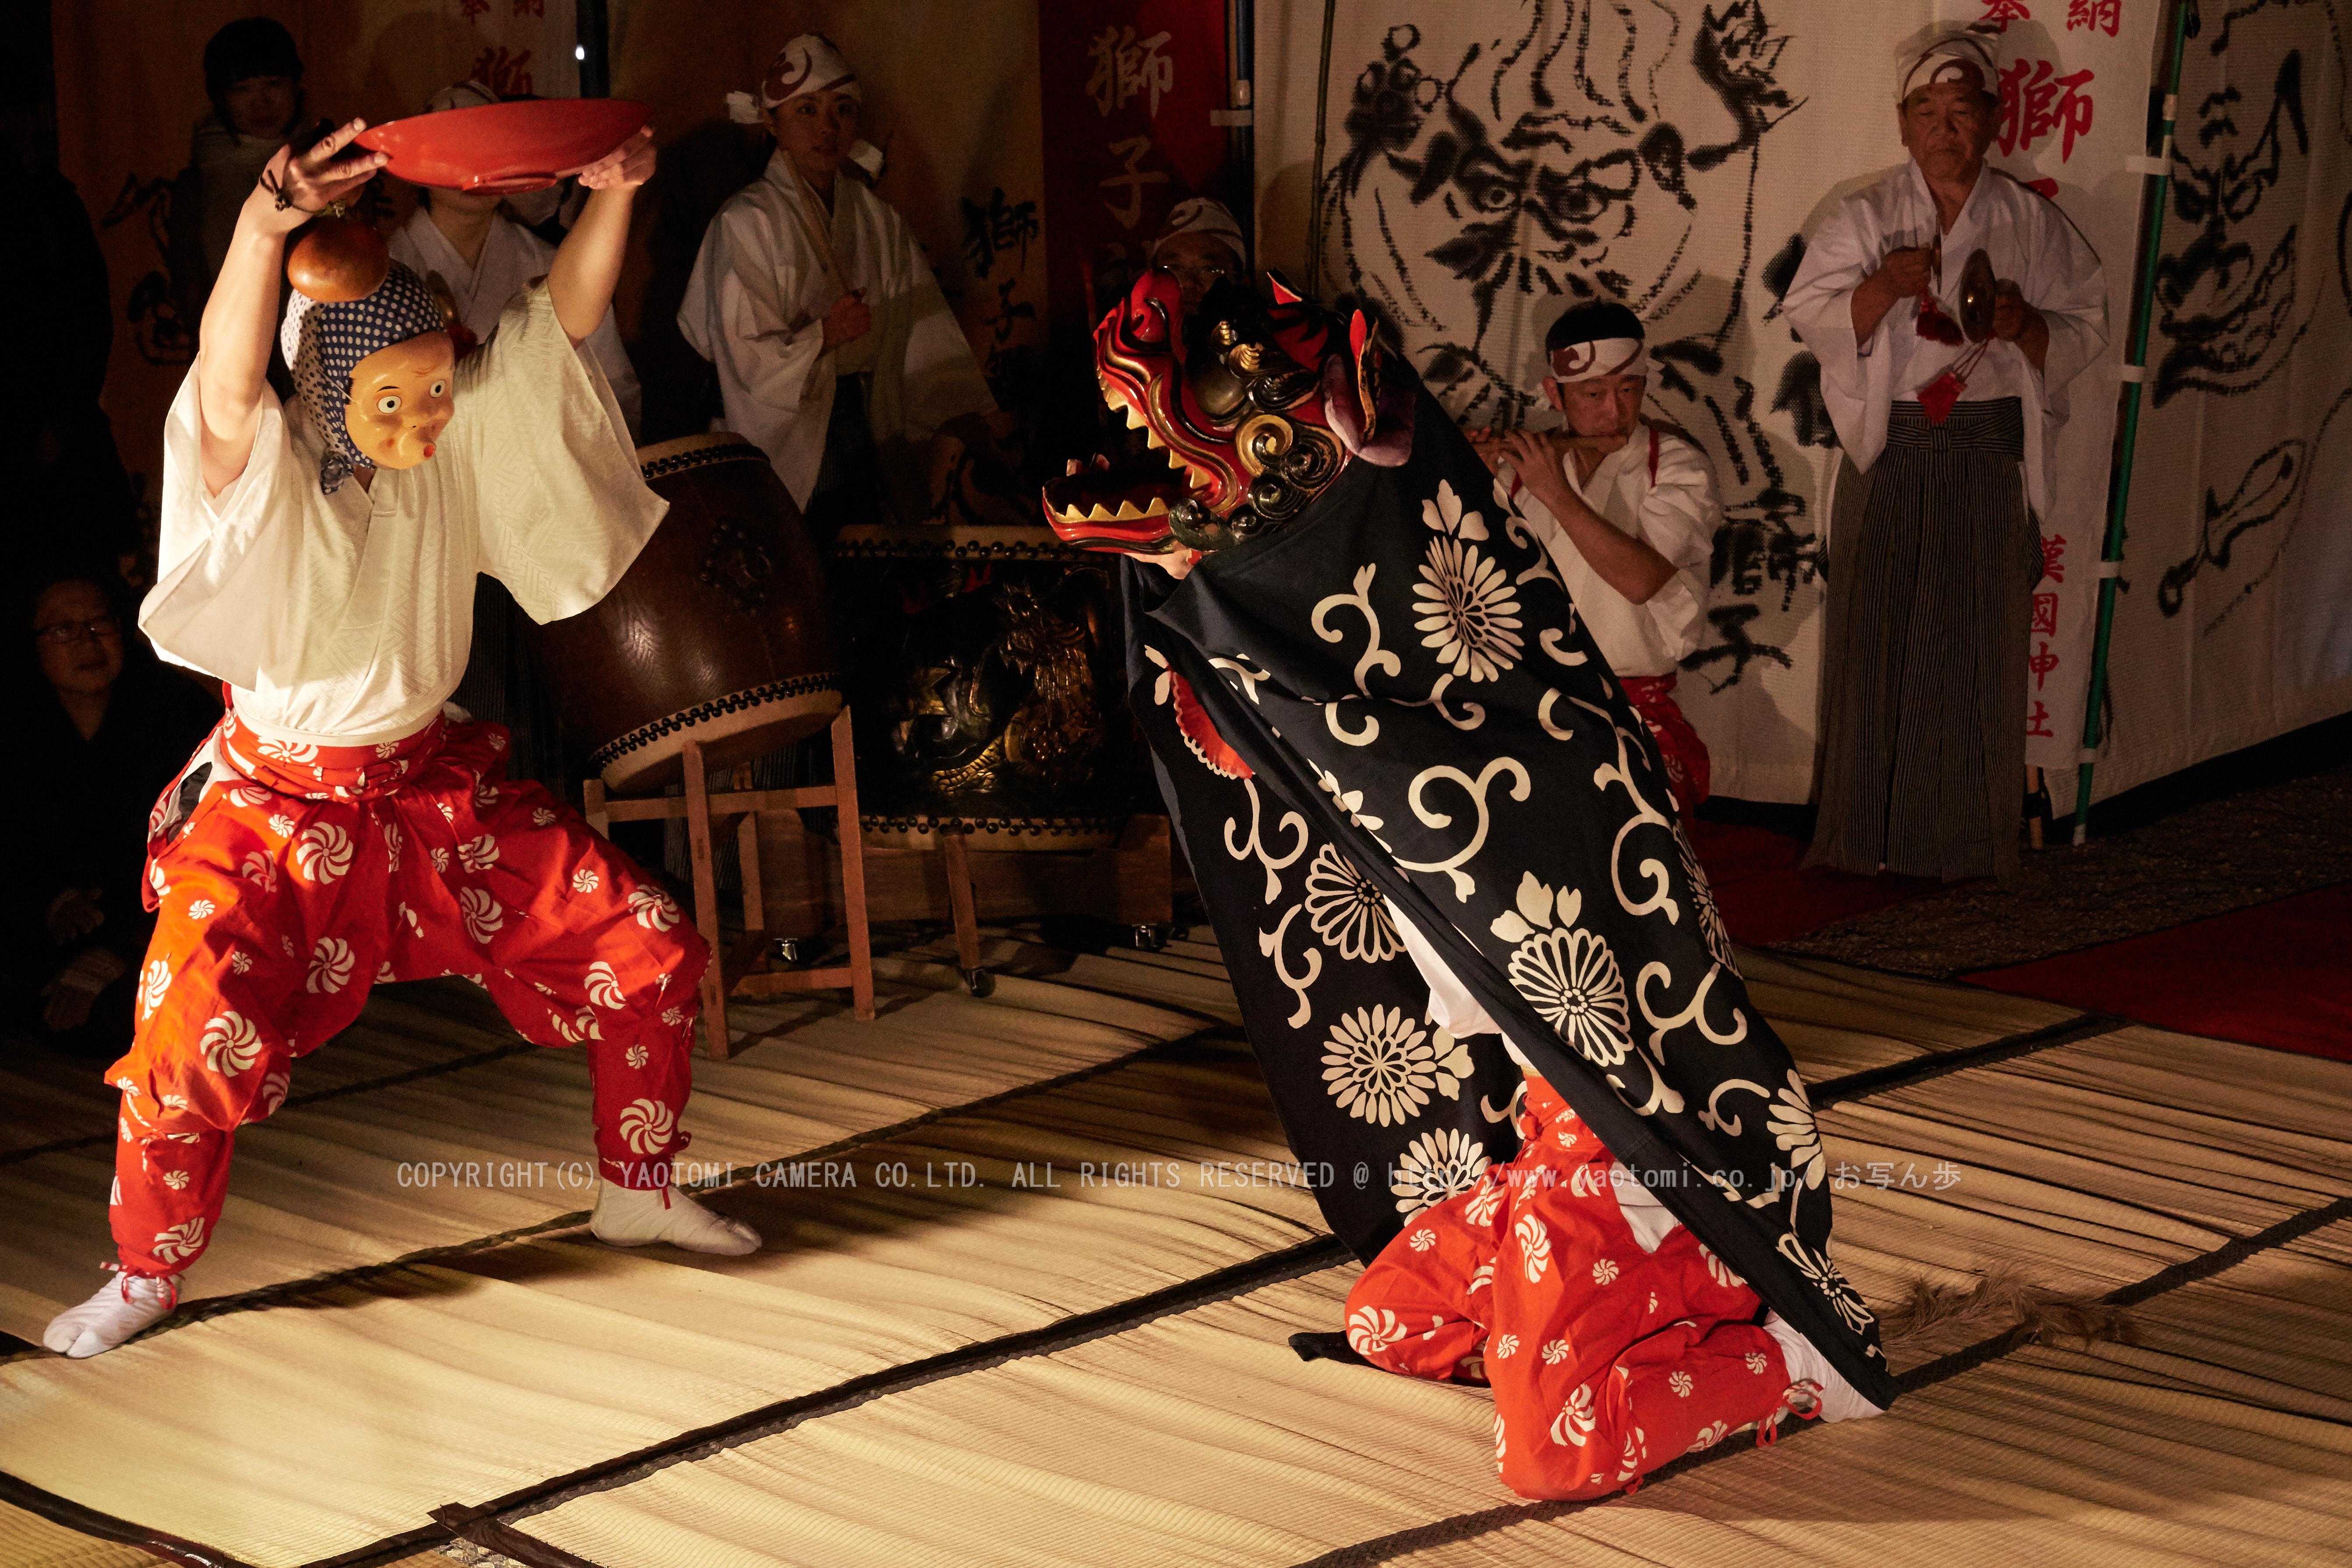 http://www.yaotomi.co.jp/blog/walk/%E3%81%AA%E3%82%89%E7%91%A0%E7%92%83%E7%B5%B5%2CDSC_0747%2C2017yaotomi%201.jpg